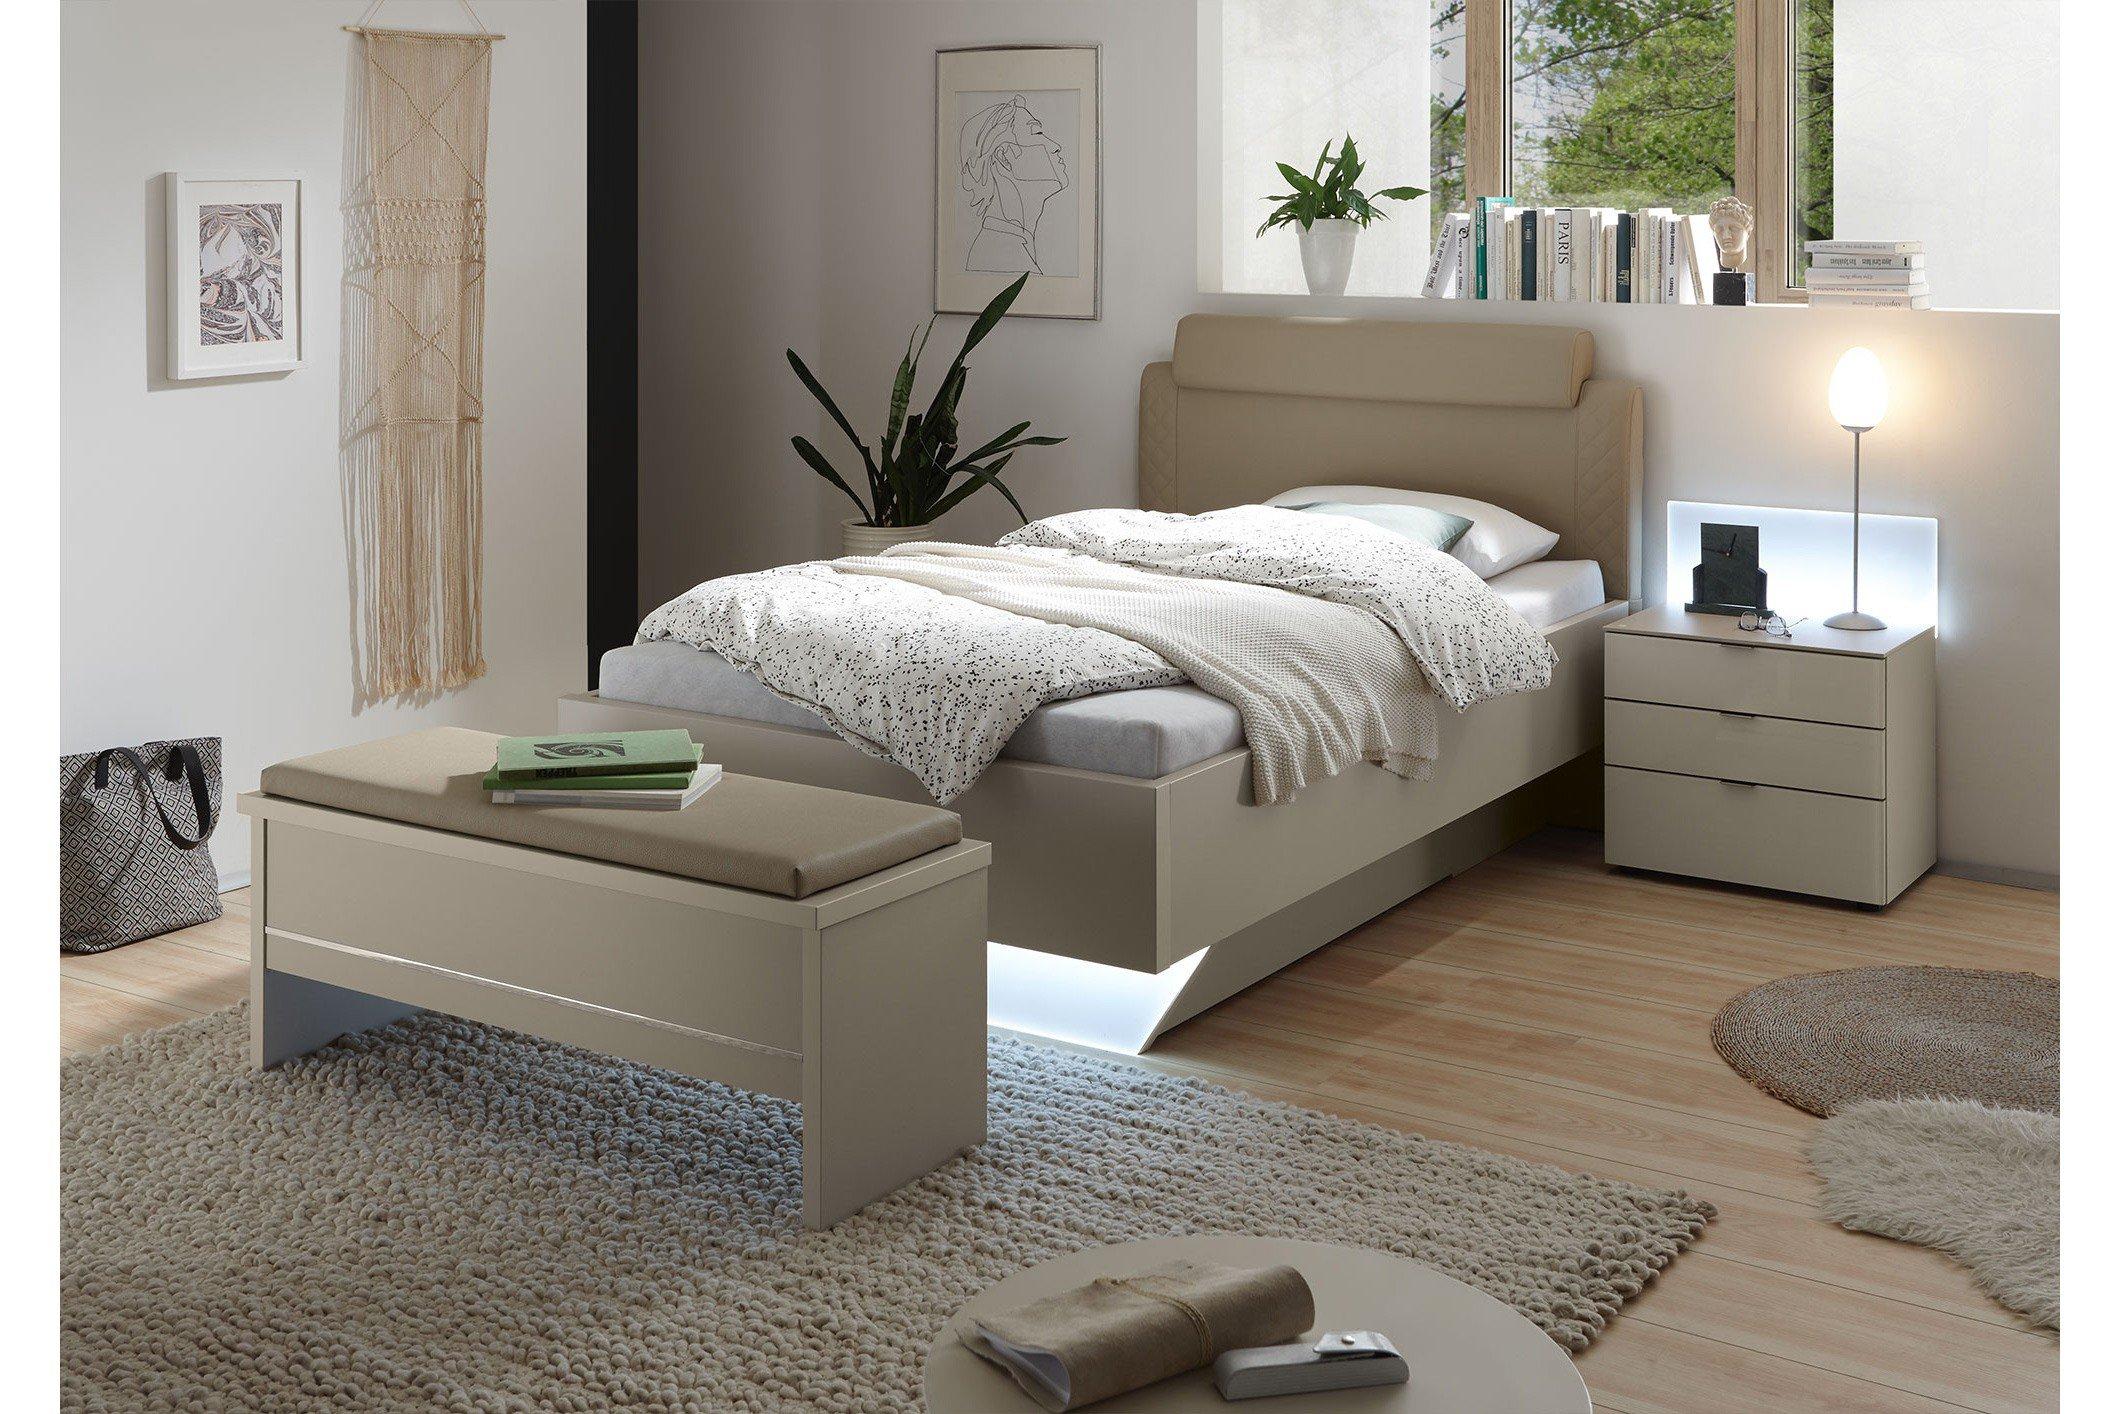 Staud Schlafzimmer | Staud Bett Sonate Mit Schubkasten Mobel Letz Ihr Online Shop